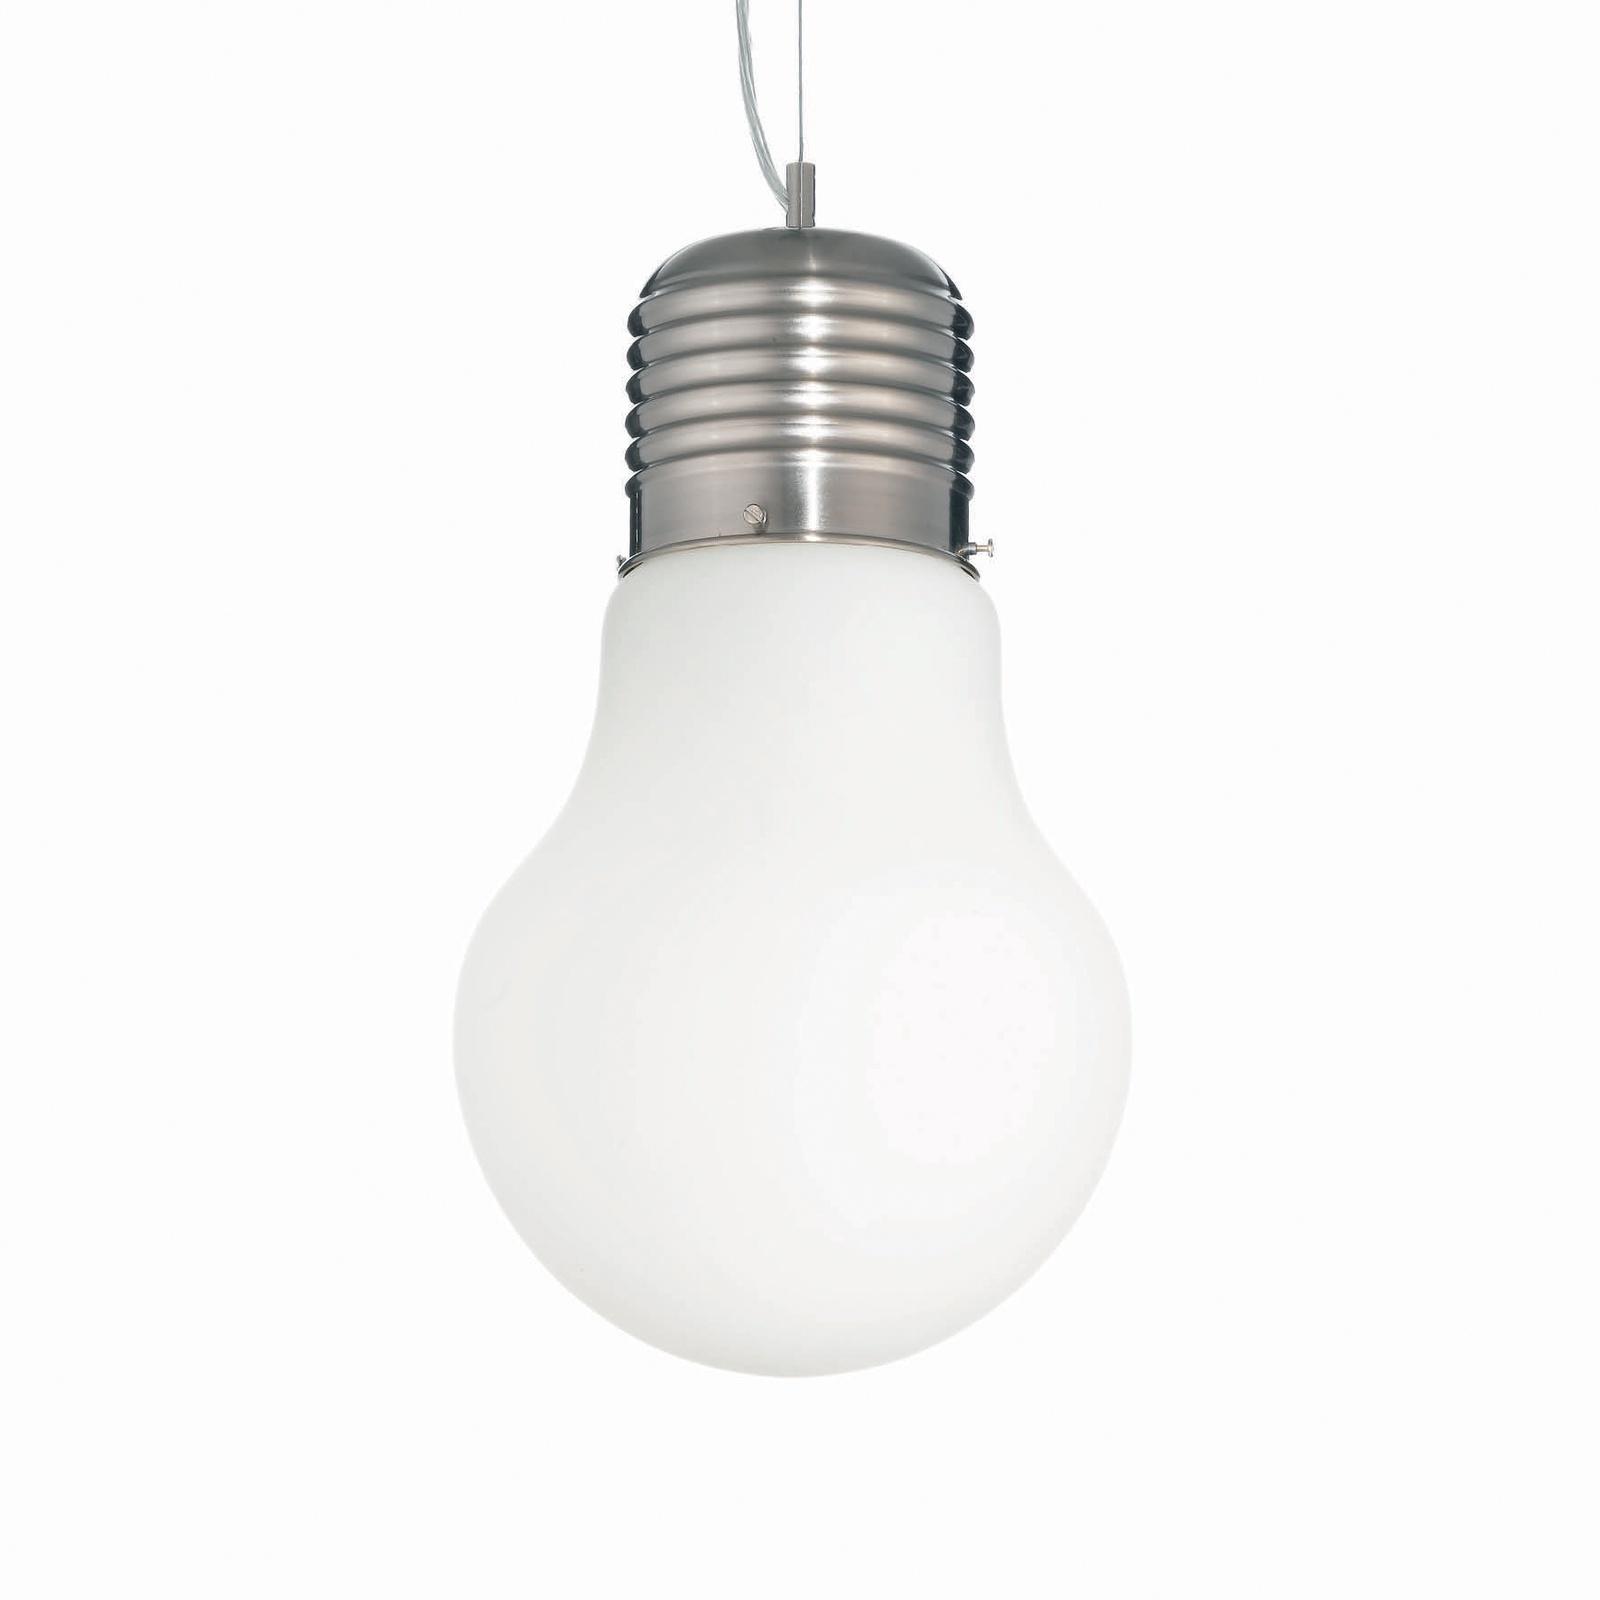 Подвесной светильник Ideal Lux SP1 BIG BIANCO